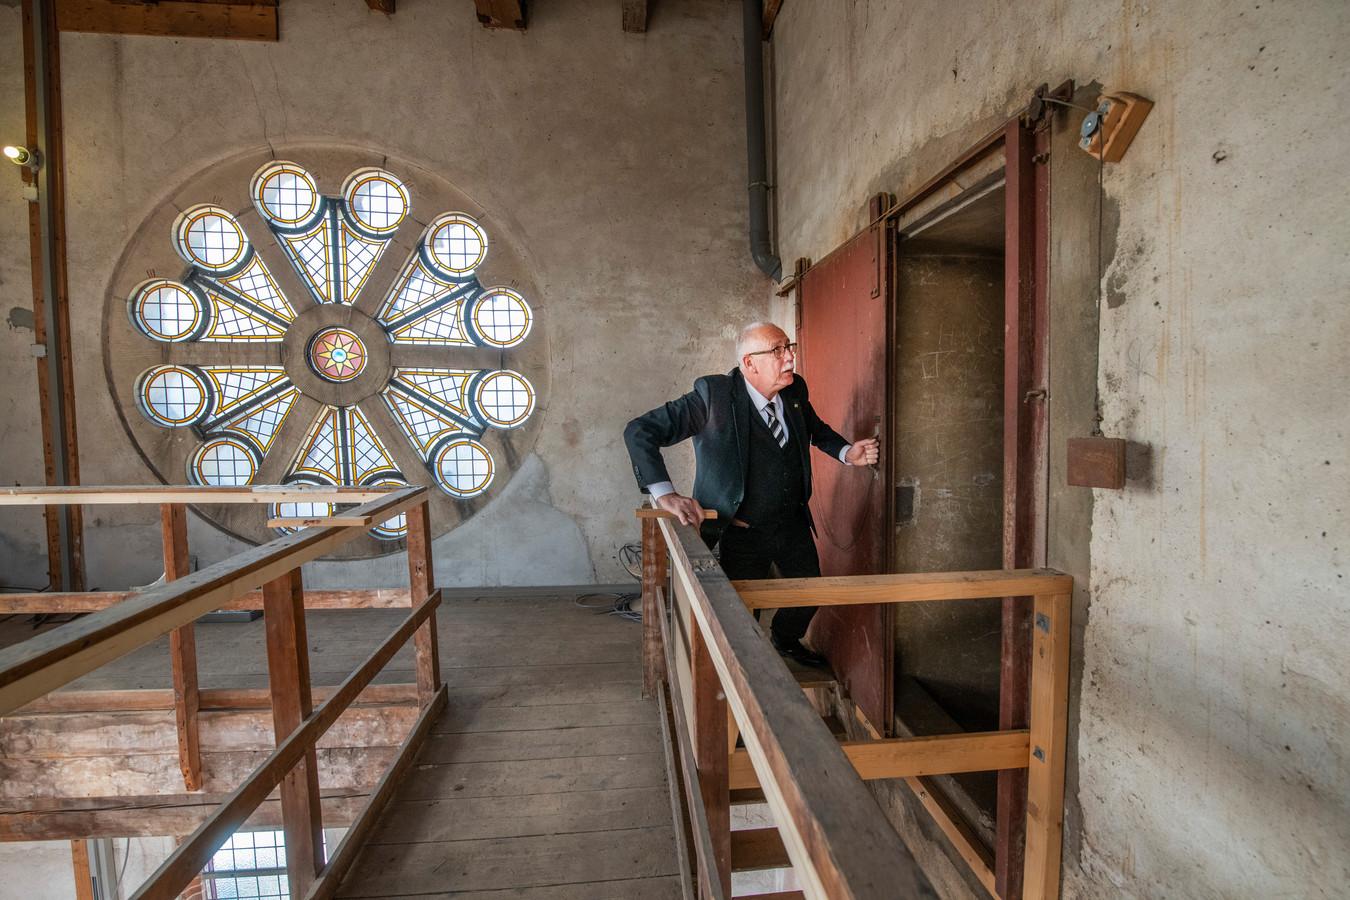 Koster Teun van Twist van de Grote Kerk in Apeldoorn toont de ijzeren branddeur die tussen de toren en het dak zit.